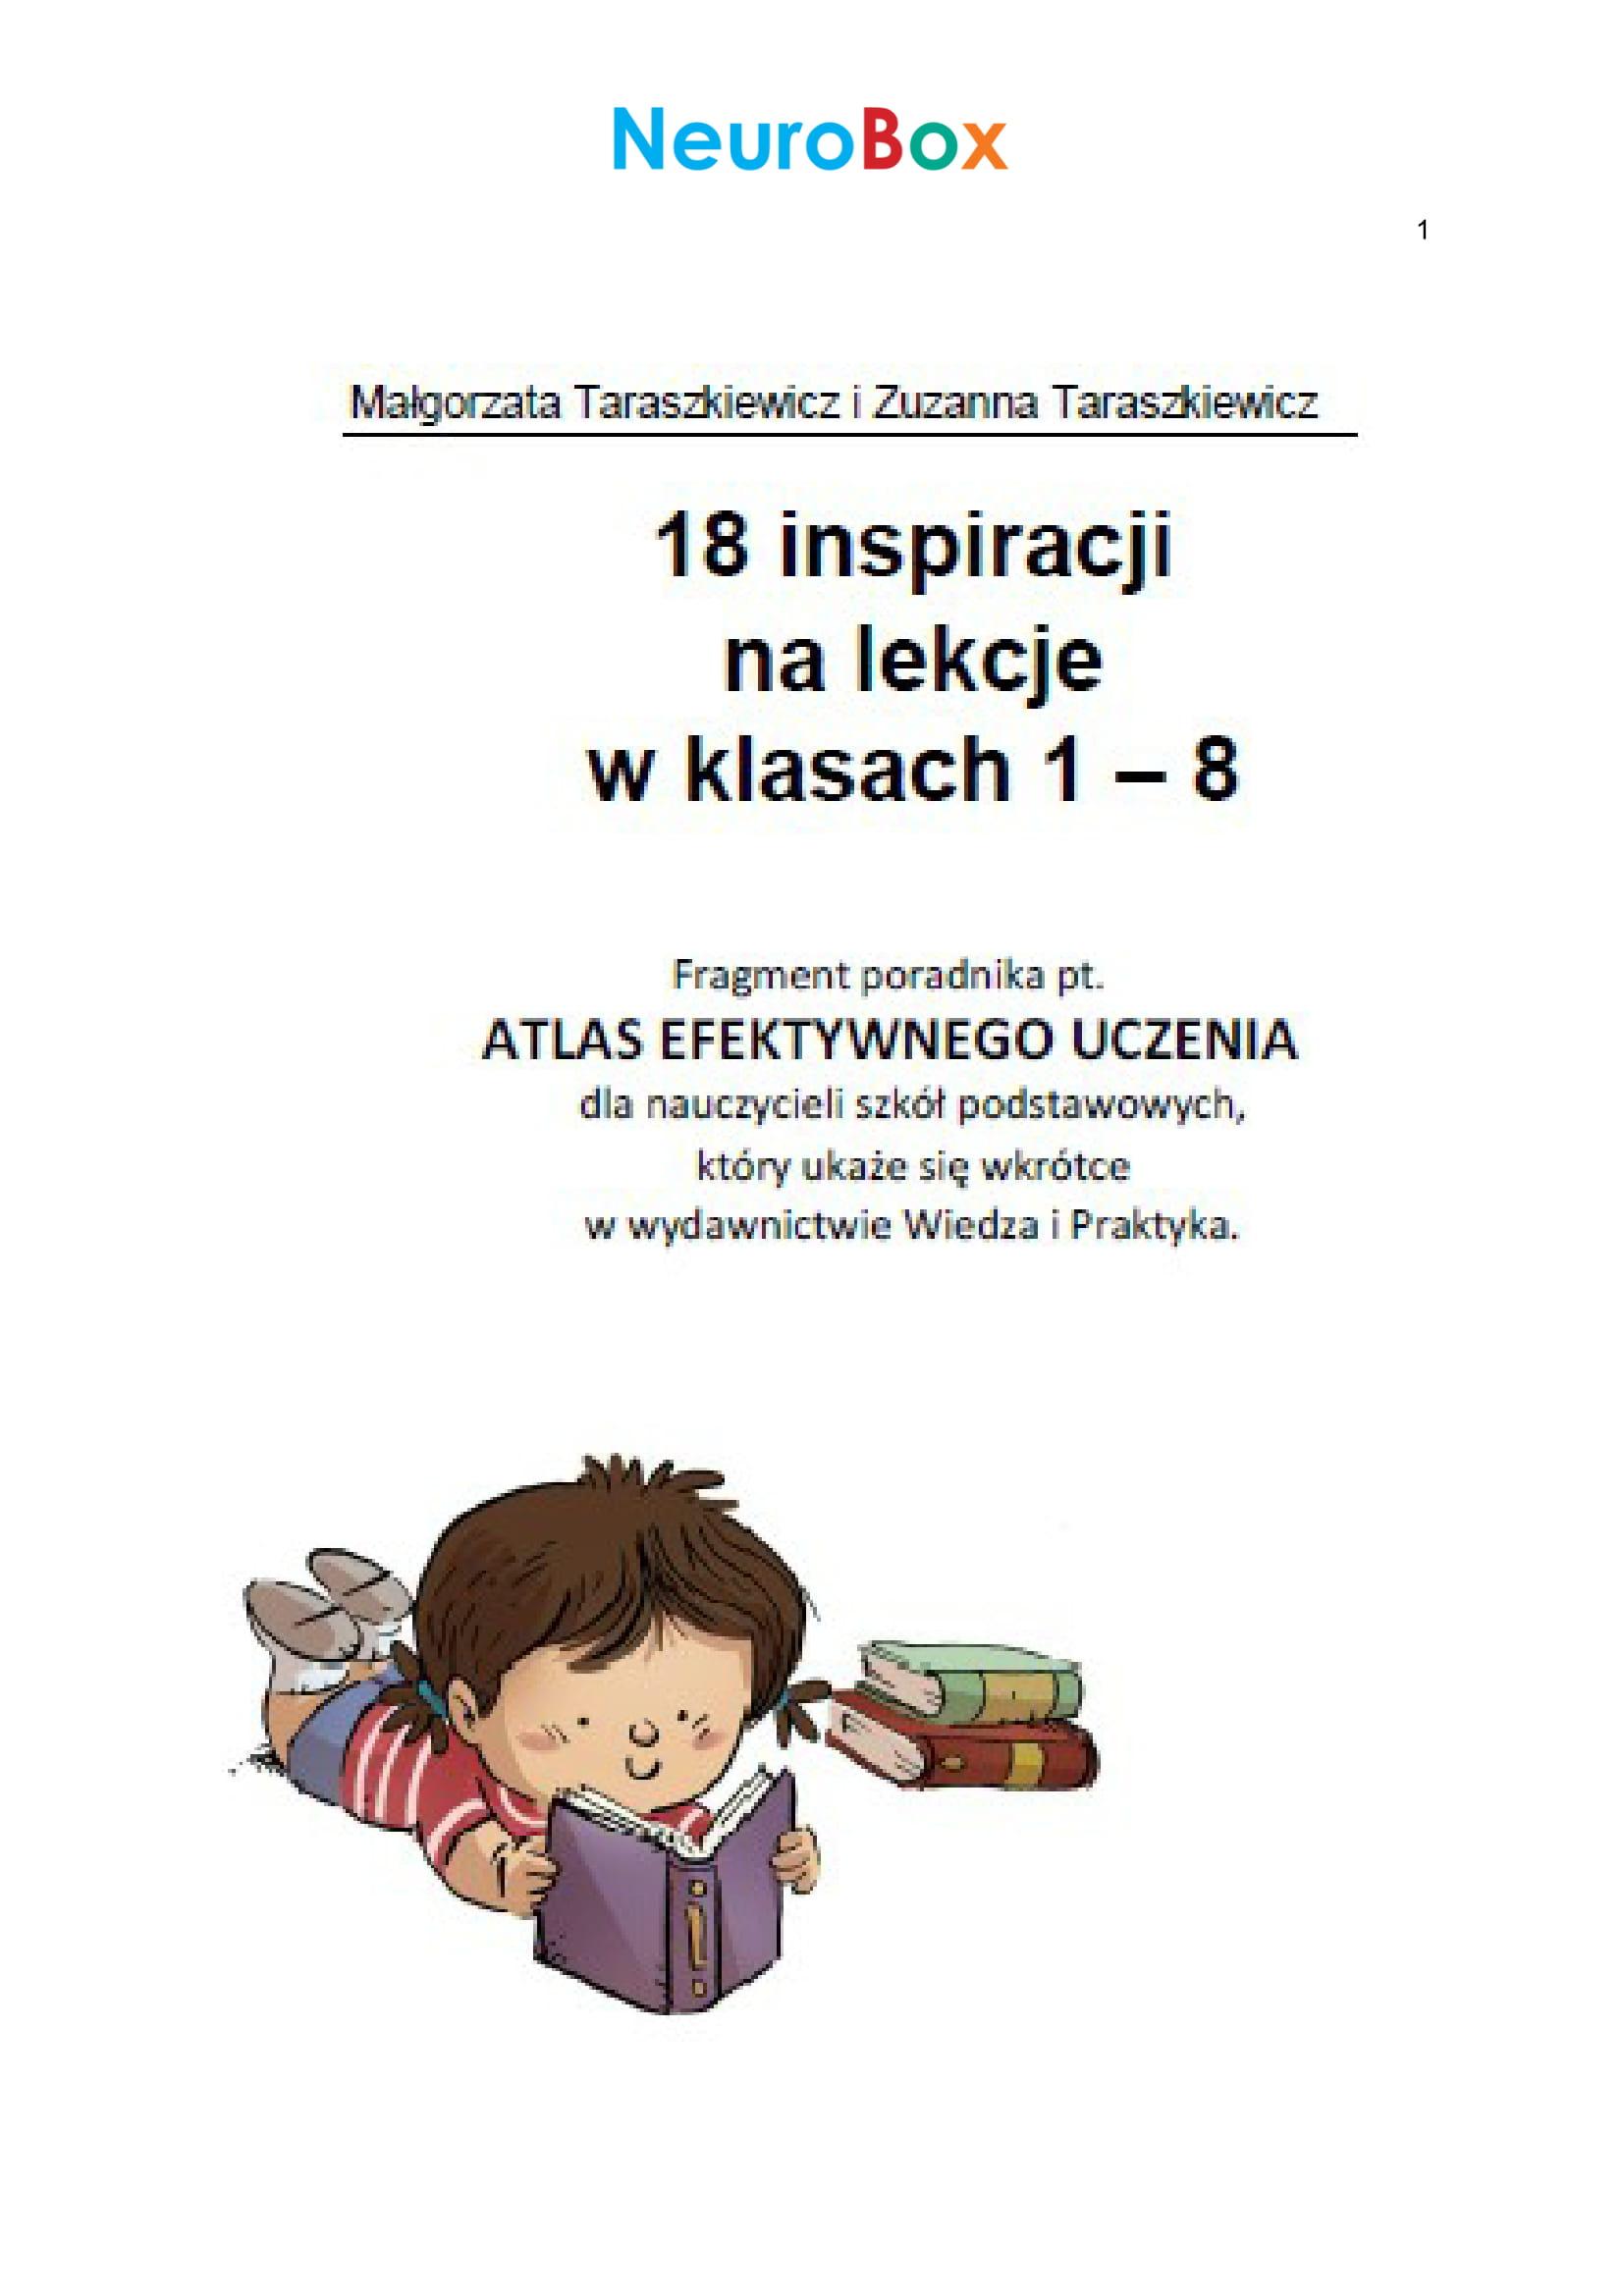 18 inspiracji dla nauczycieli szkół podstawowych